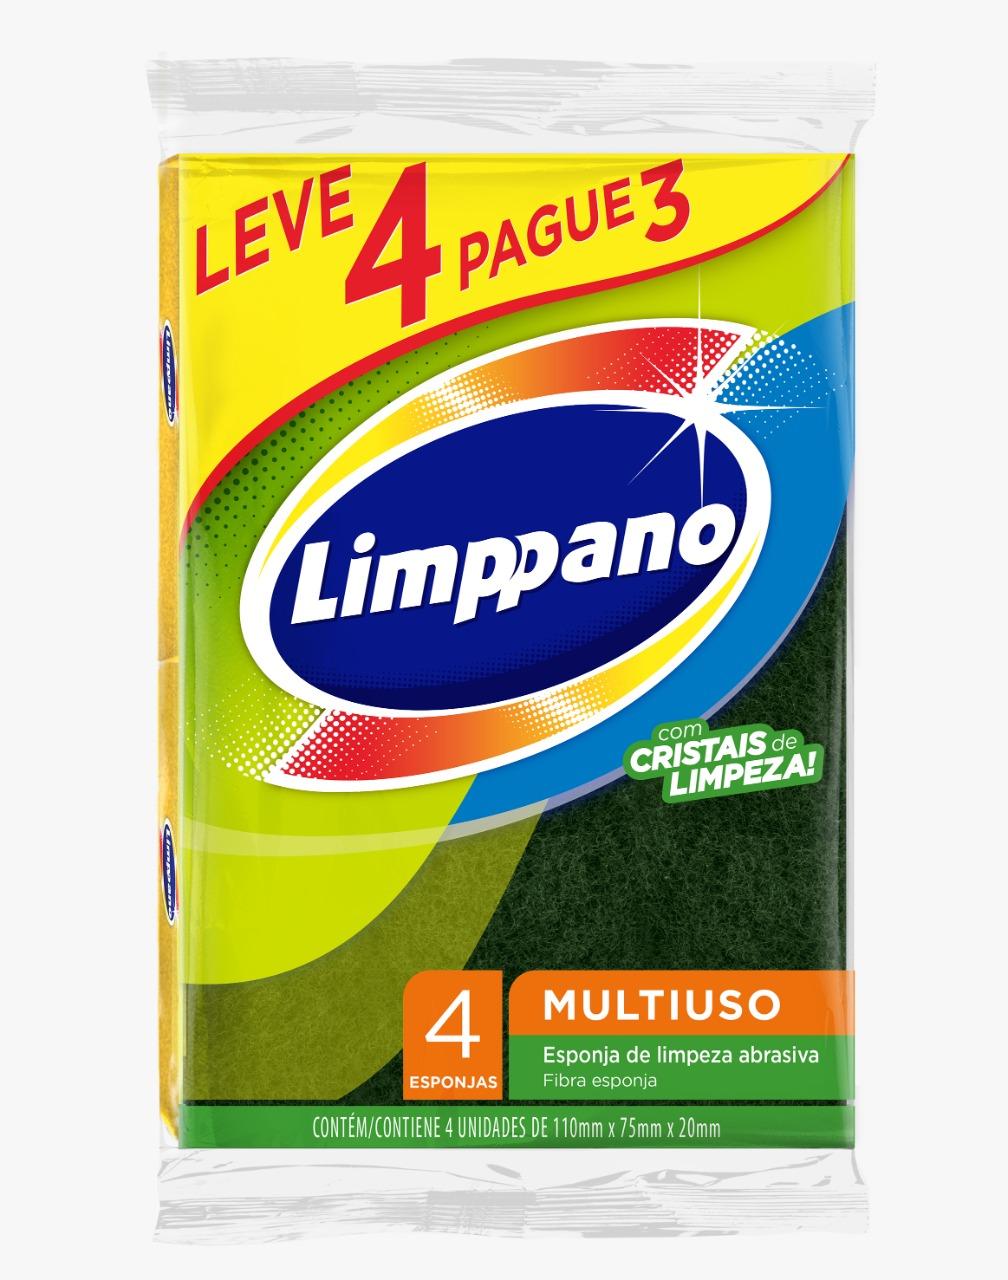 ESPONJA MULTIUSO LIMPPANO  L4P3(120)